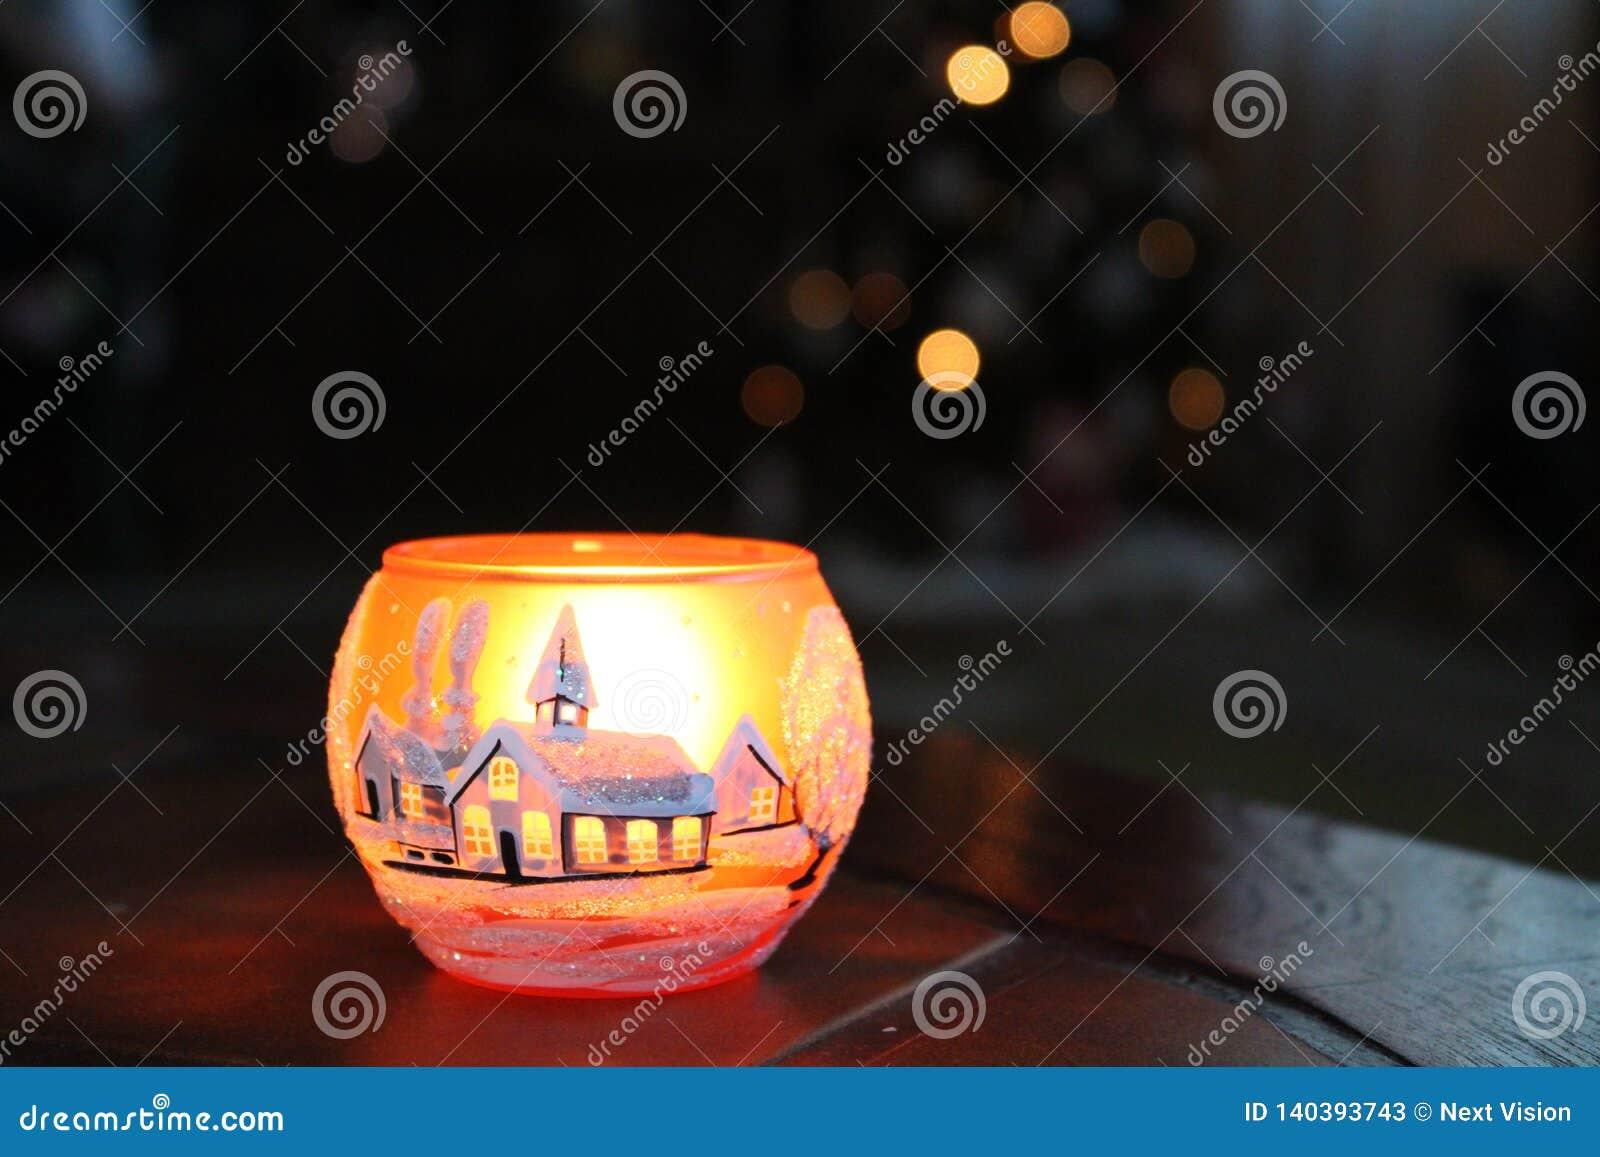 Schale candel mit Weihnachtsgefühl